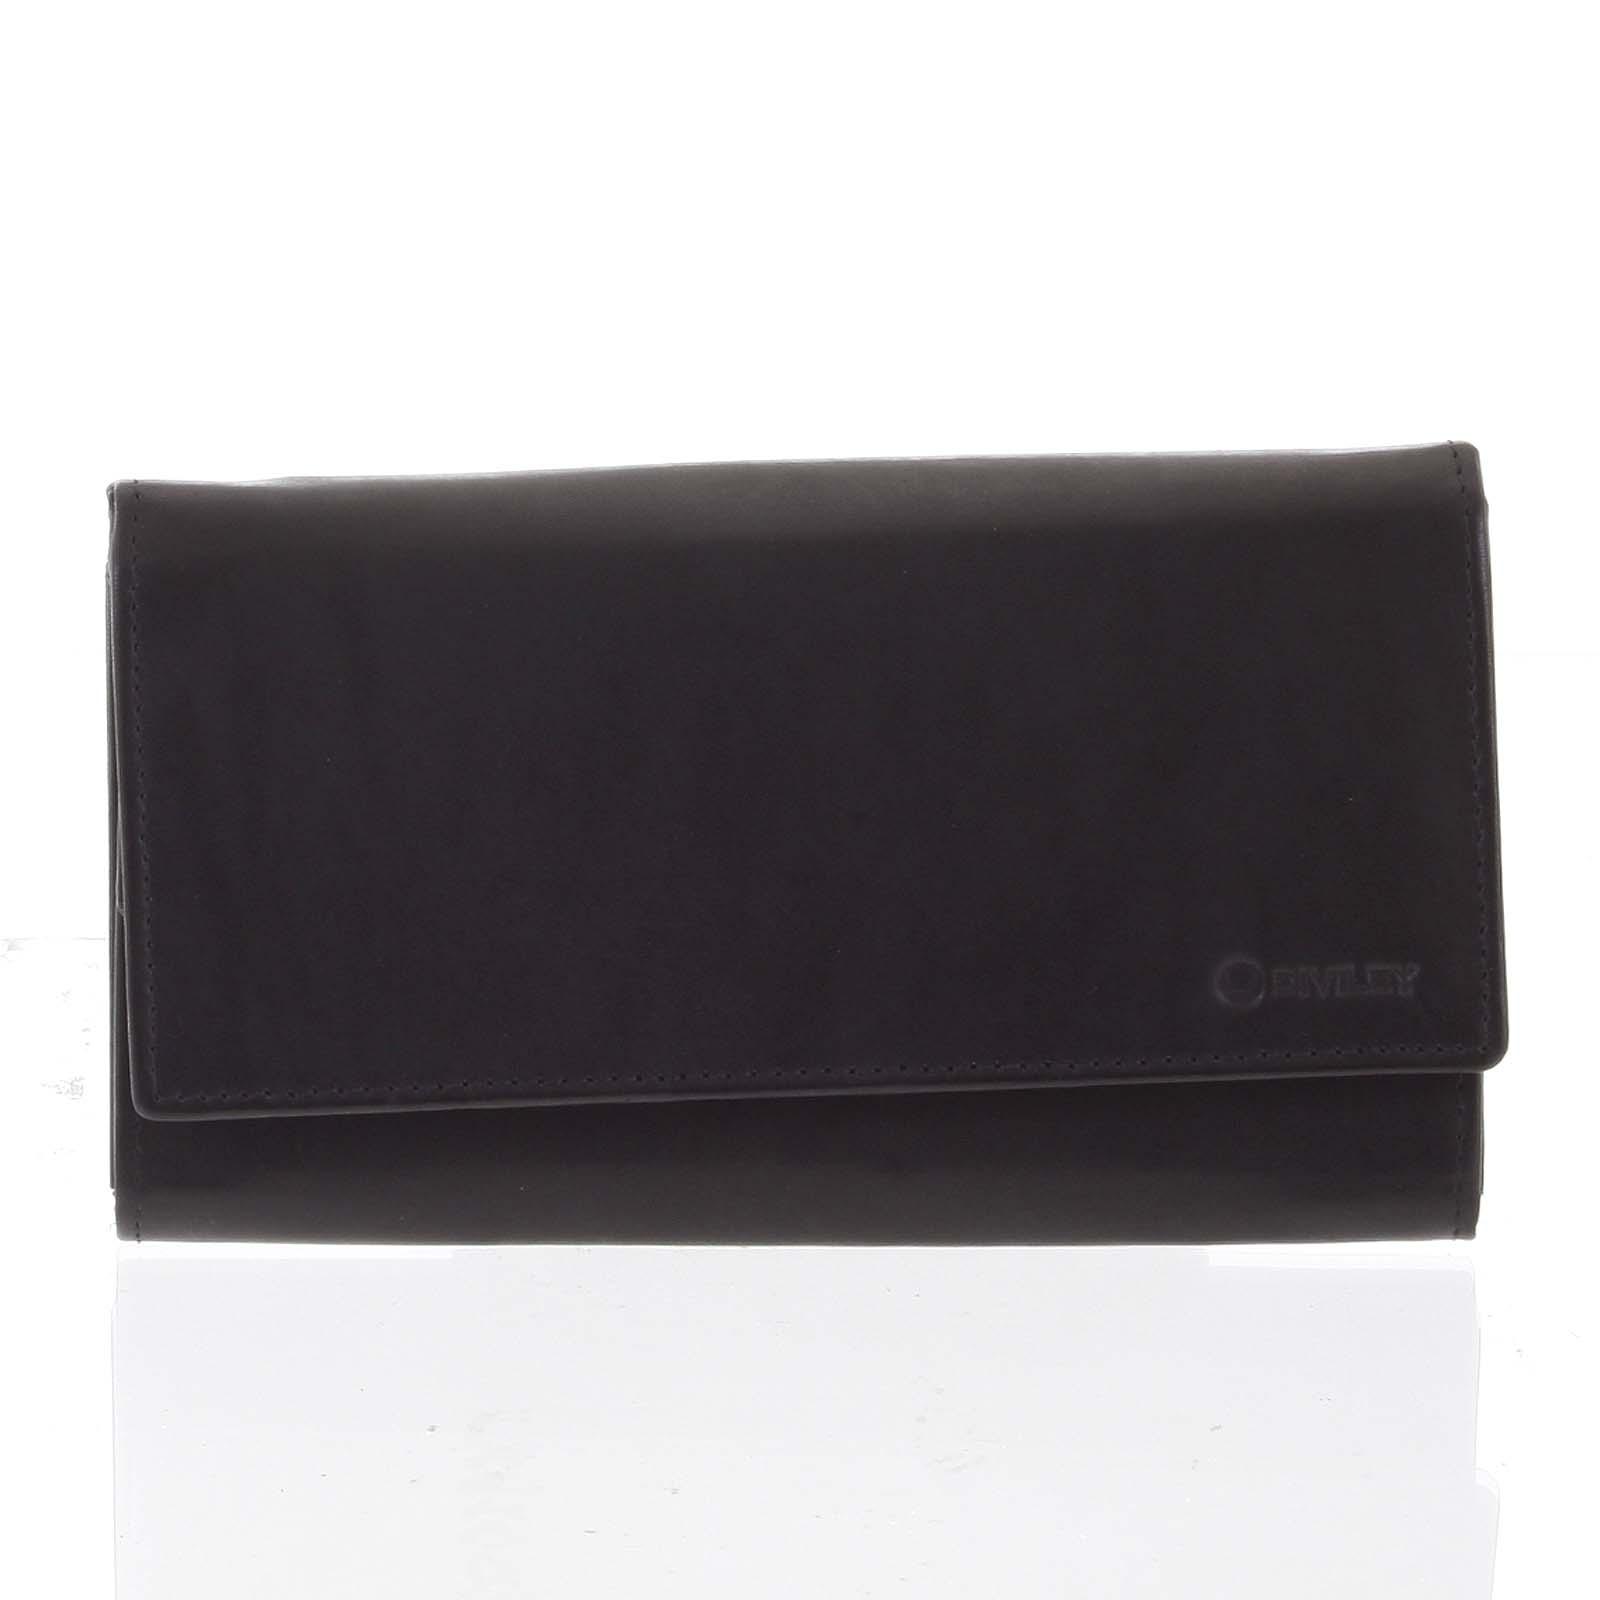 Dámska klasická čierna kožená peňaženka - Diviley Uniberso čierna